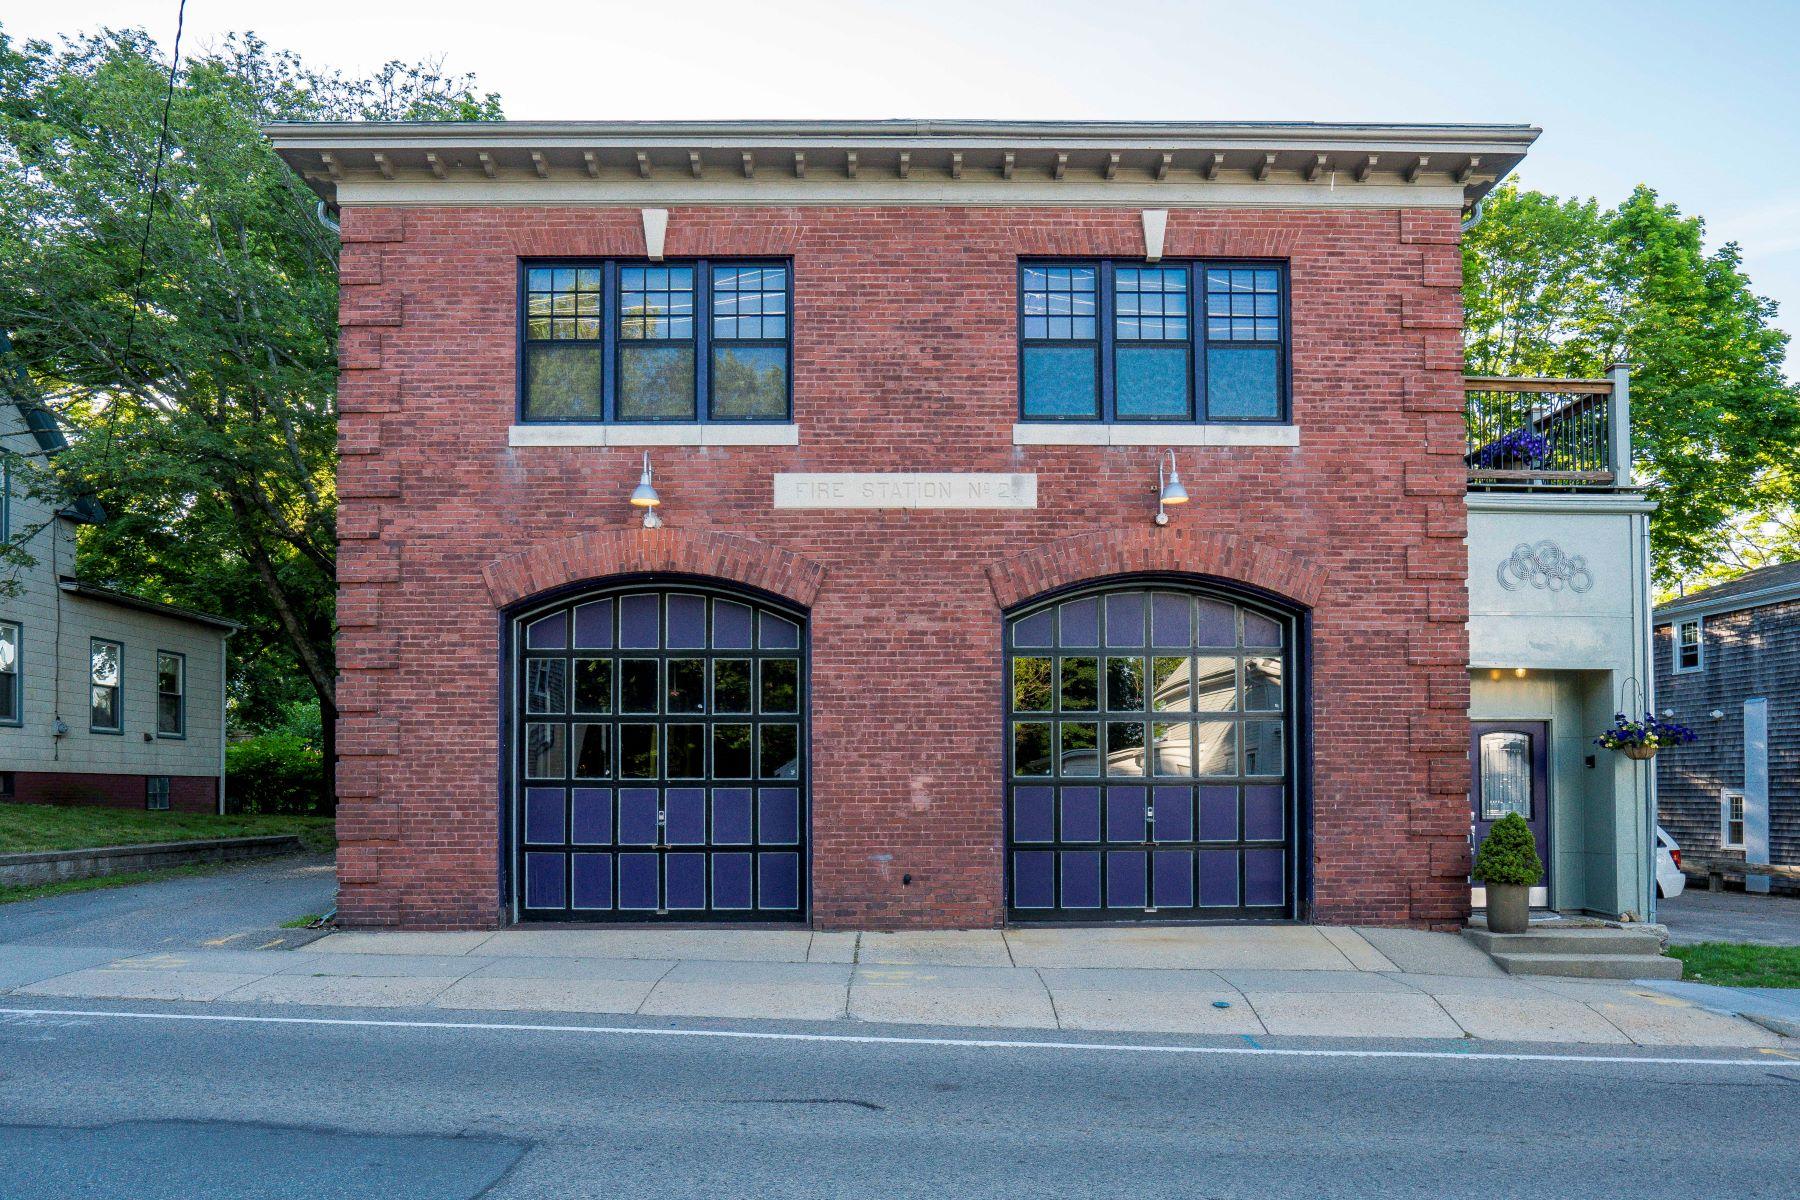 Casa Unifamiliar por un Venta en Restored Firehouse 5 South Street Plymouth, Massachusetts, 02360 Estados Unidos